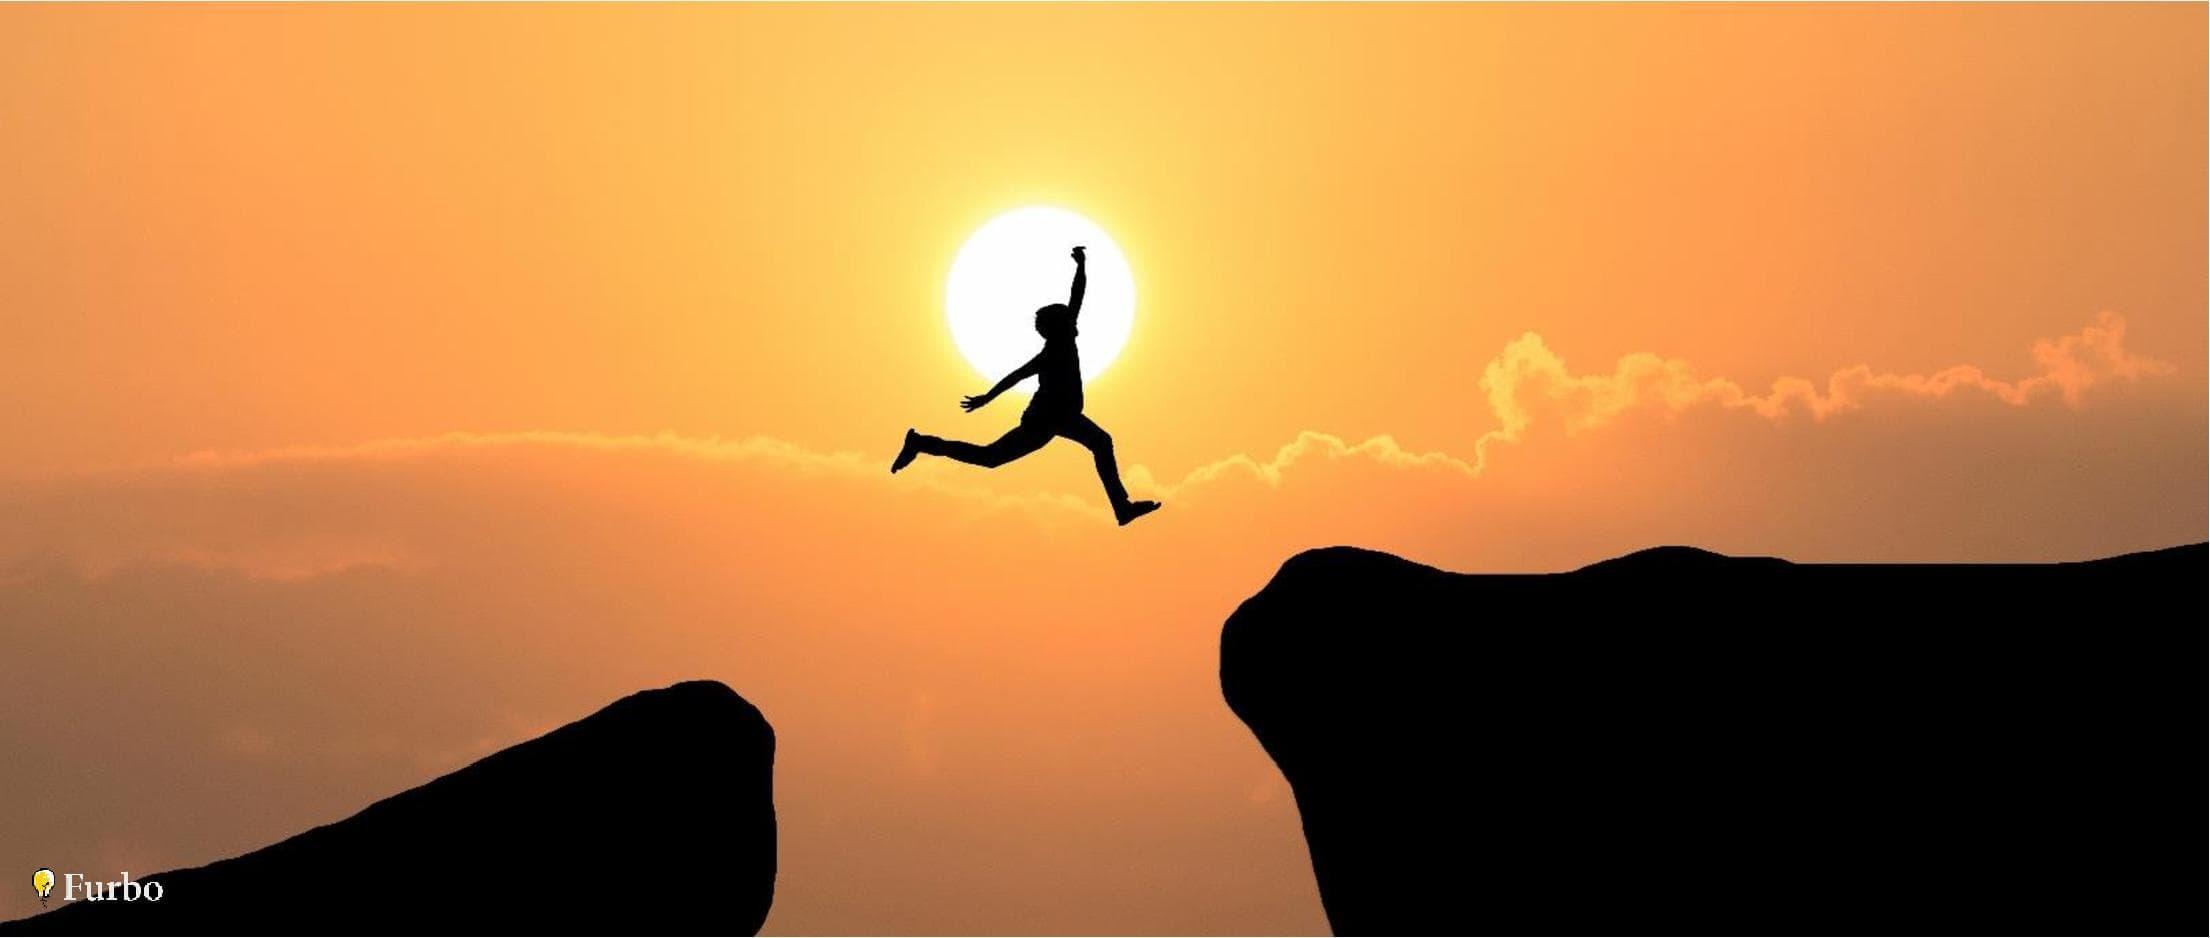 کتاب طرز فکر – روانشناسی نوین موفقیت (Mindset: The New Psychology of Success)